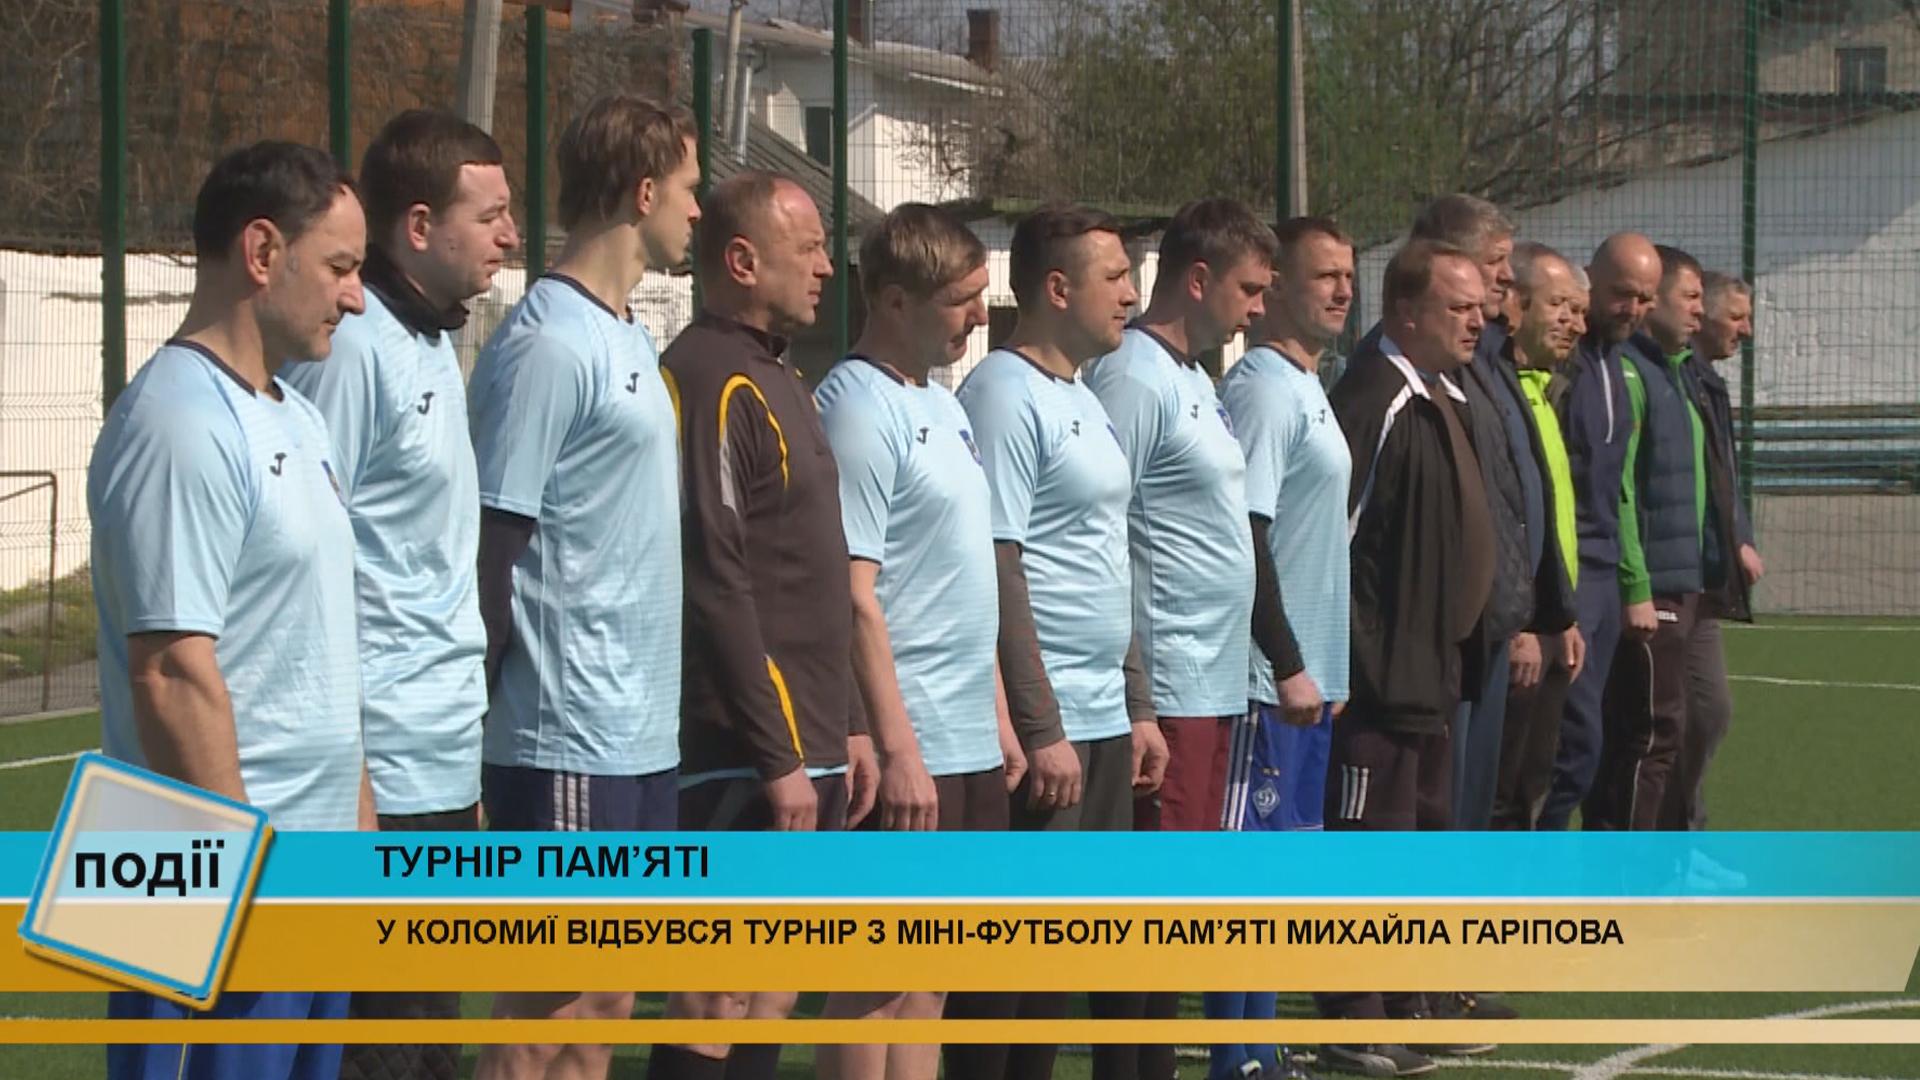 У Коломиї відбувся турнір з міні-футболу пам